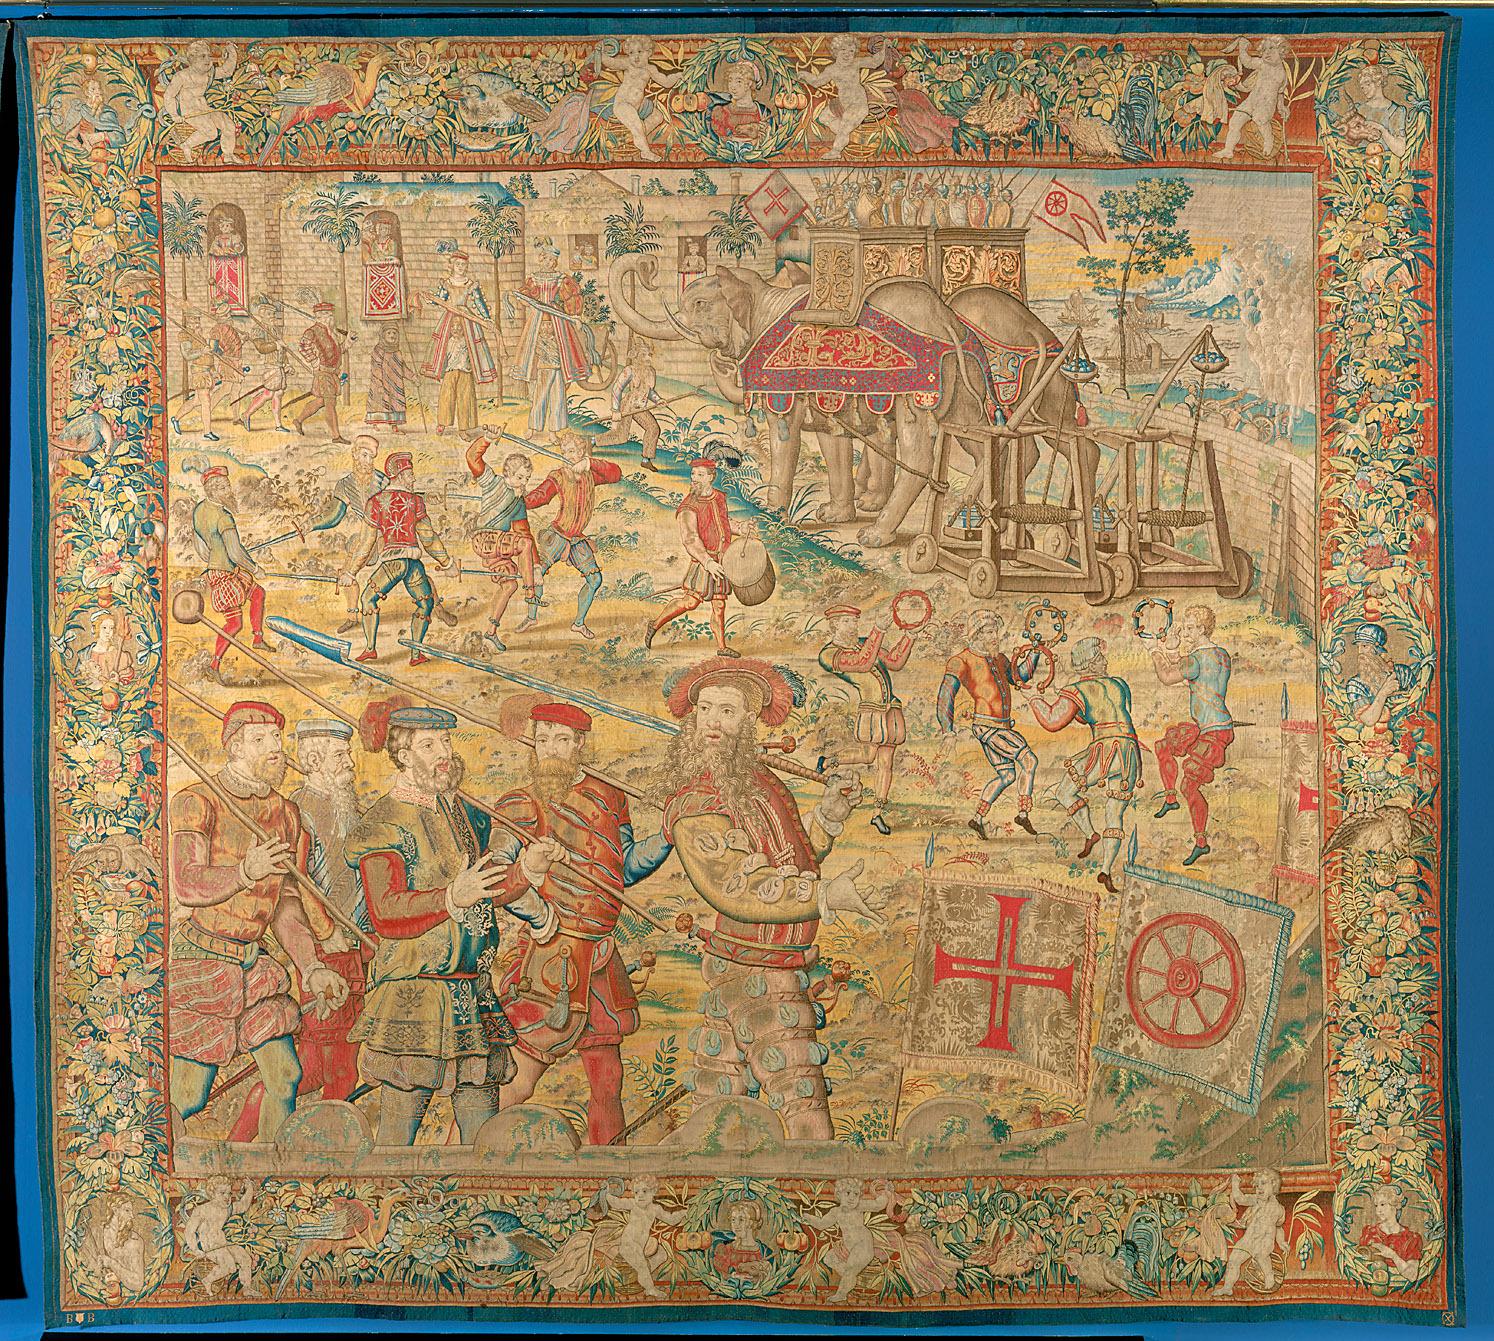 Fortsetzung des Triumphzuges: Elefanten mit Steinkatapulten, Possen und Tänzen